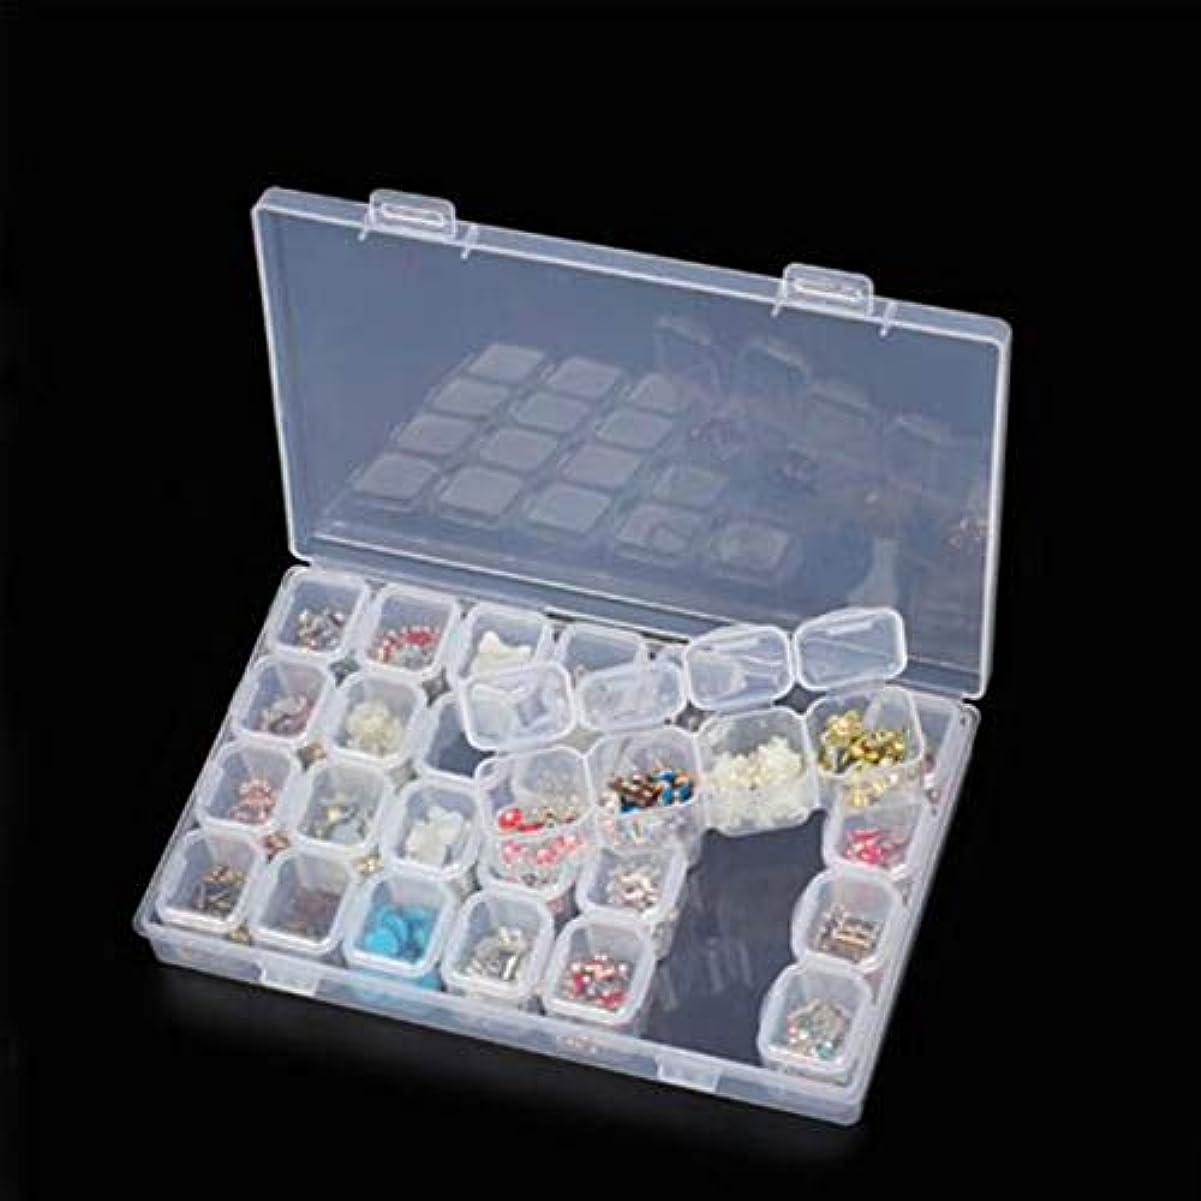 睡眠スクラップ今28スロットプラスチック収納ボックスボックスダイヤモンド塗装キットネールアートラインツールズ収納収納ボックスケースオーガナイザーホルダー(透明)